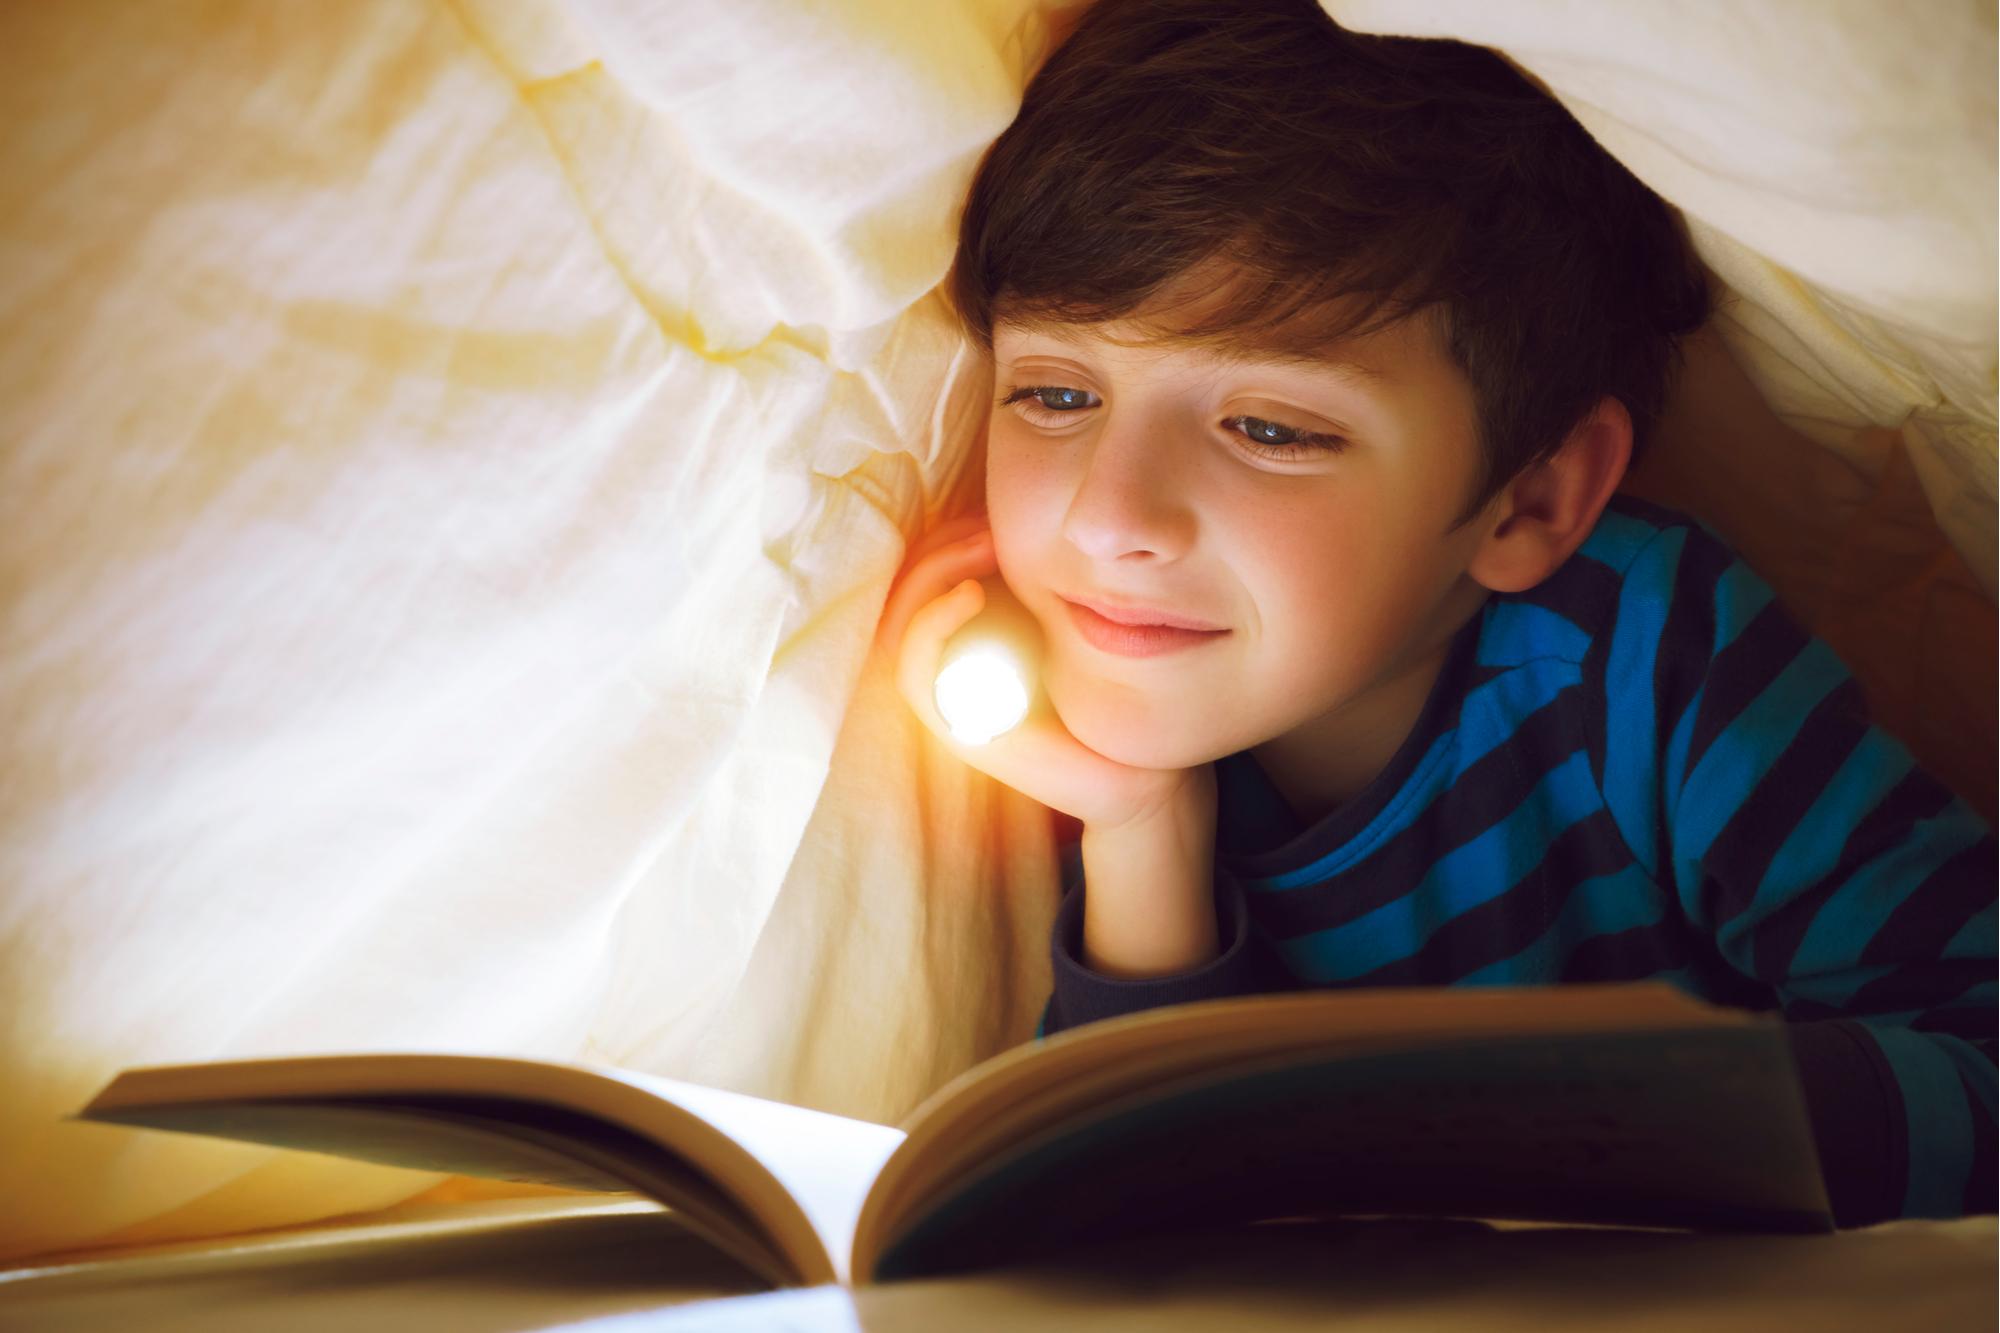 Menino na cama sob o cobertor - lanterna manual - livro de leitura